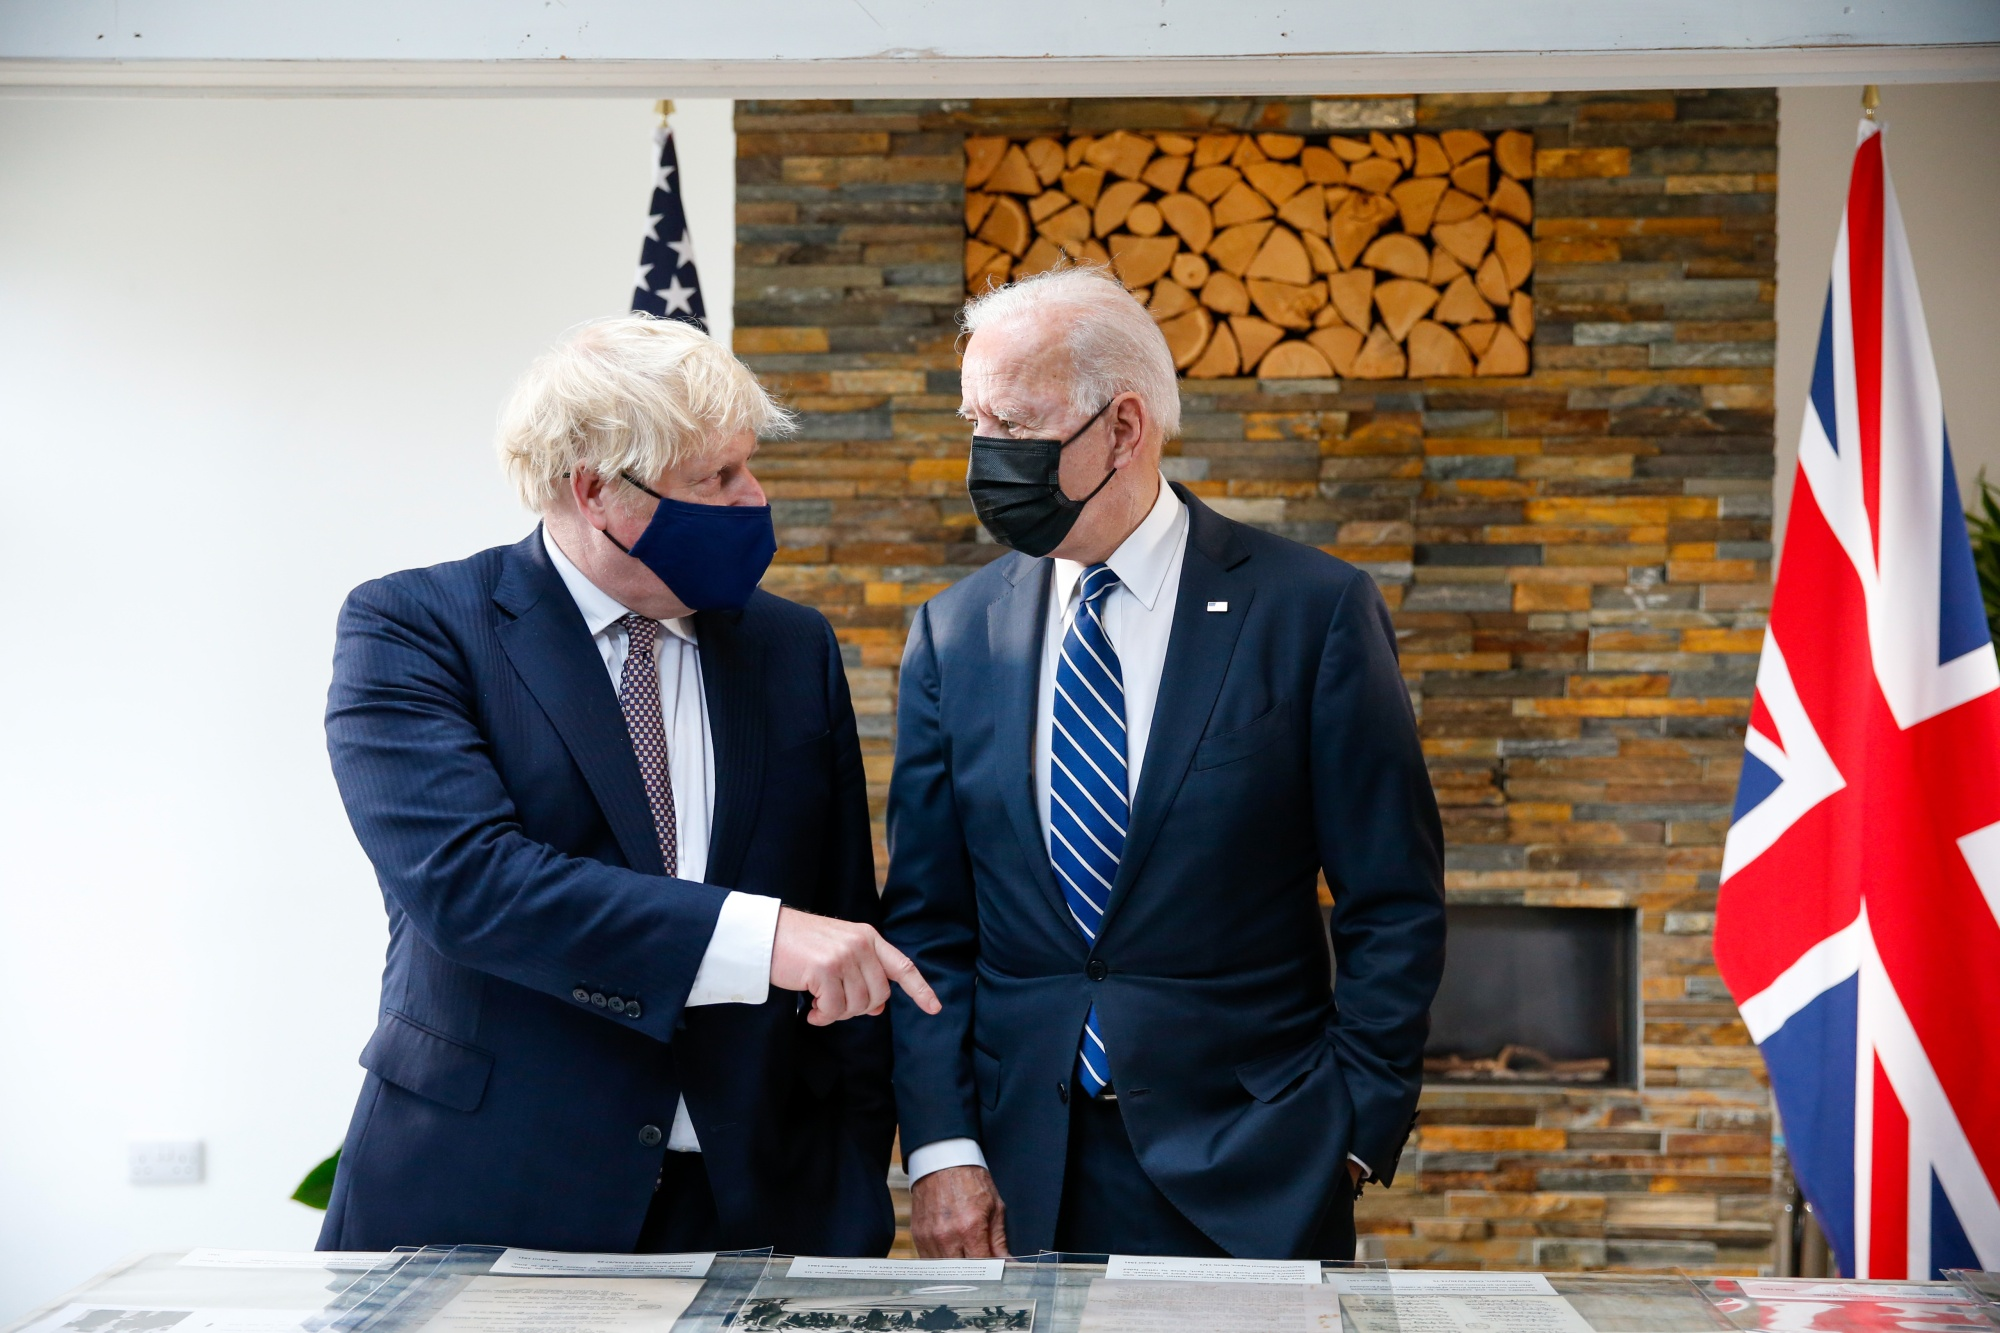 U.K. PM Johnson Hosts U.S. President Joe Biden Ahead Of G-7 Summit